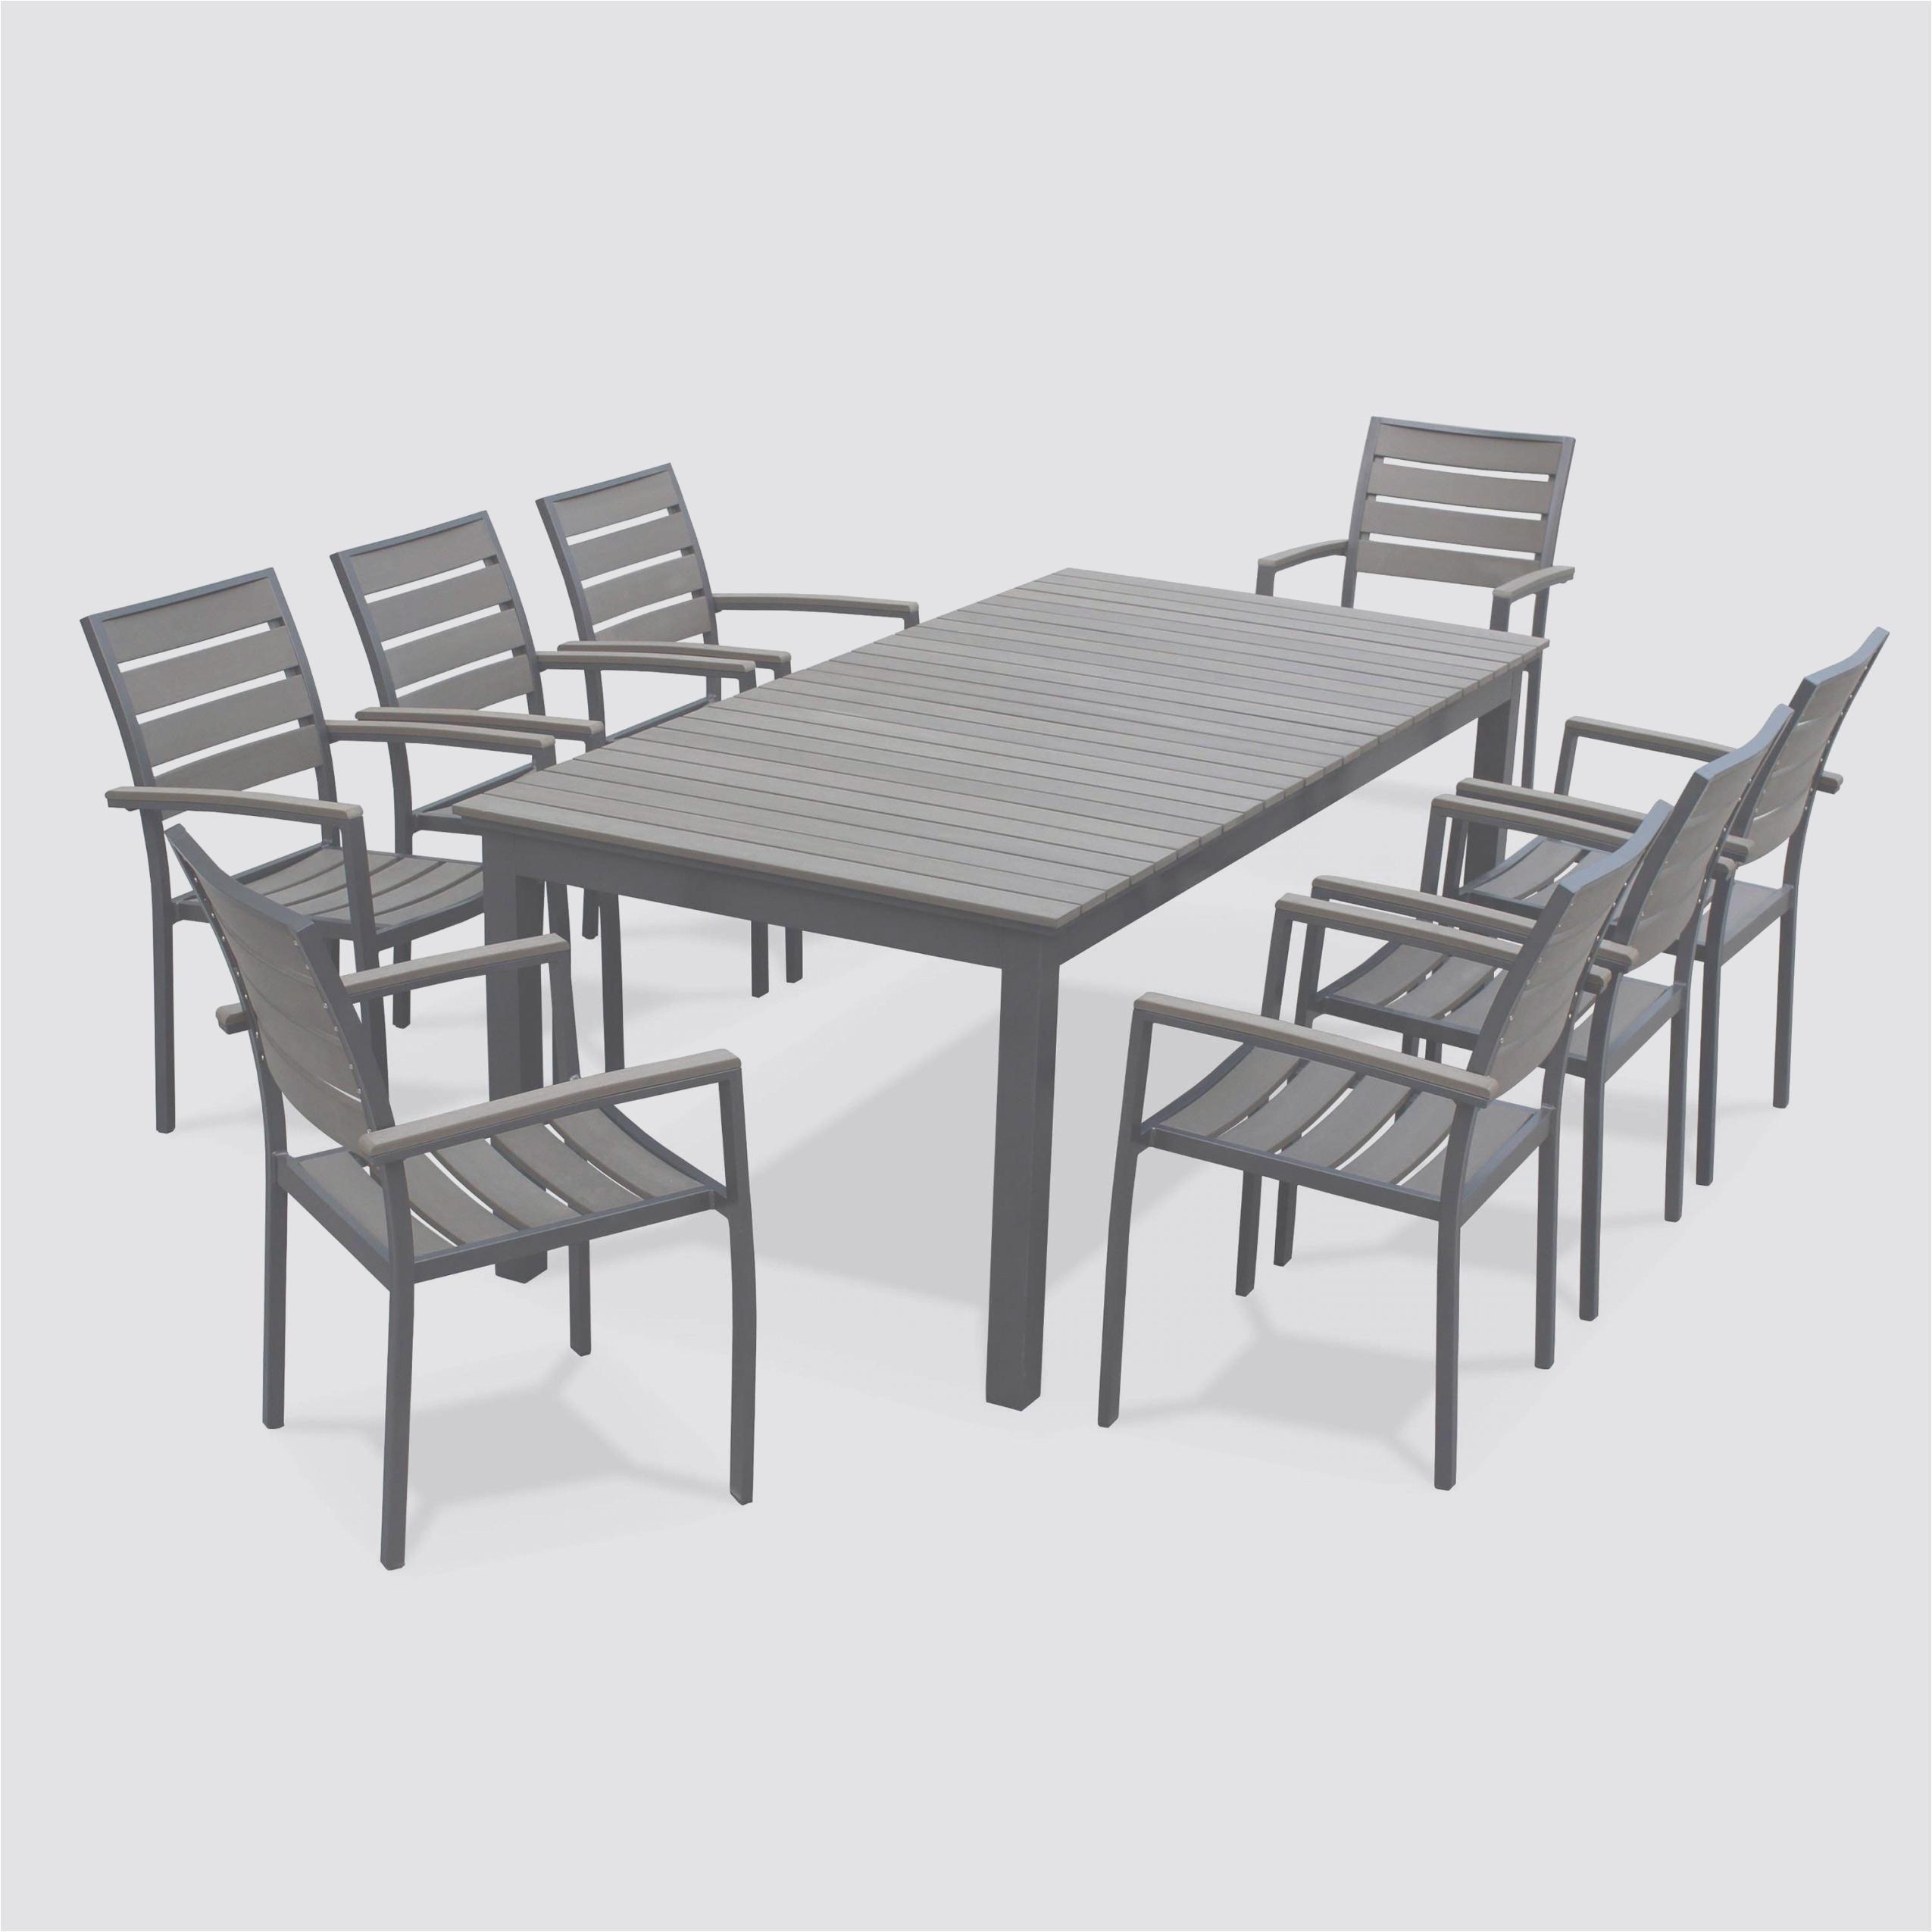 Canape Resine Tressee Castorama Nouveau Stock Table Exterieur De Jardin Adslev